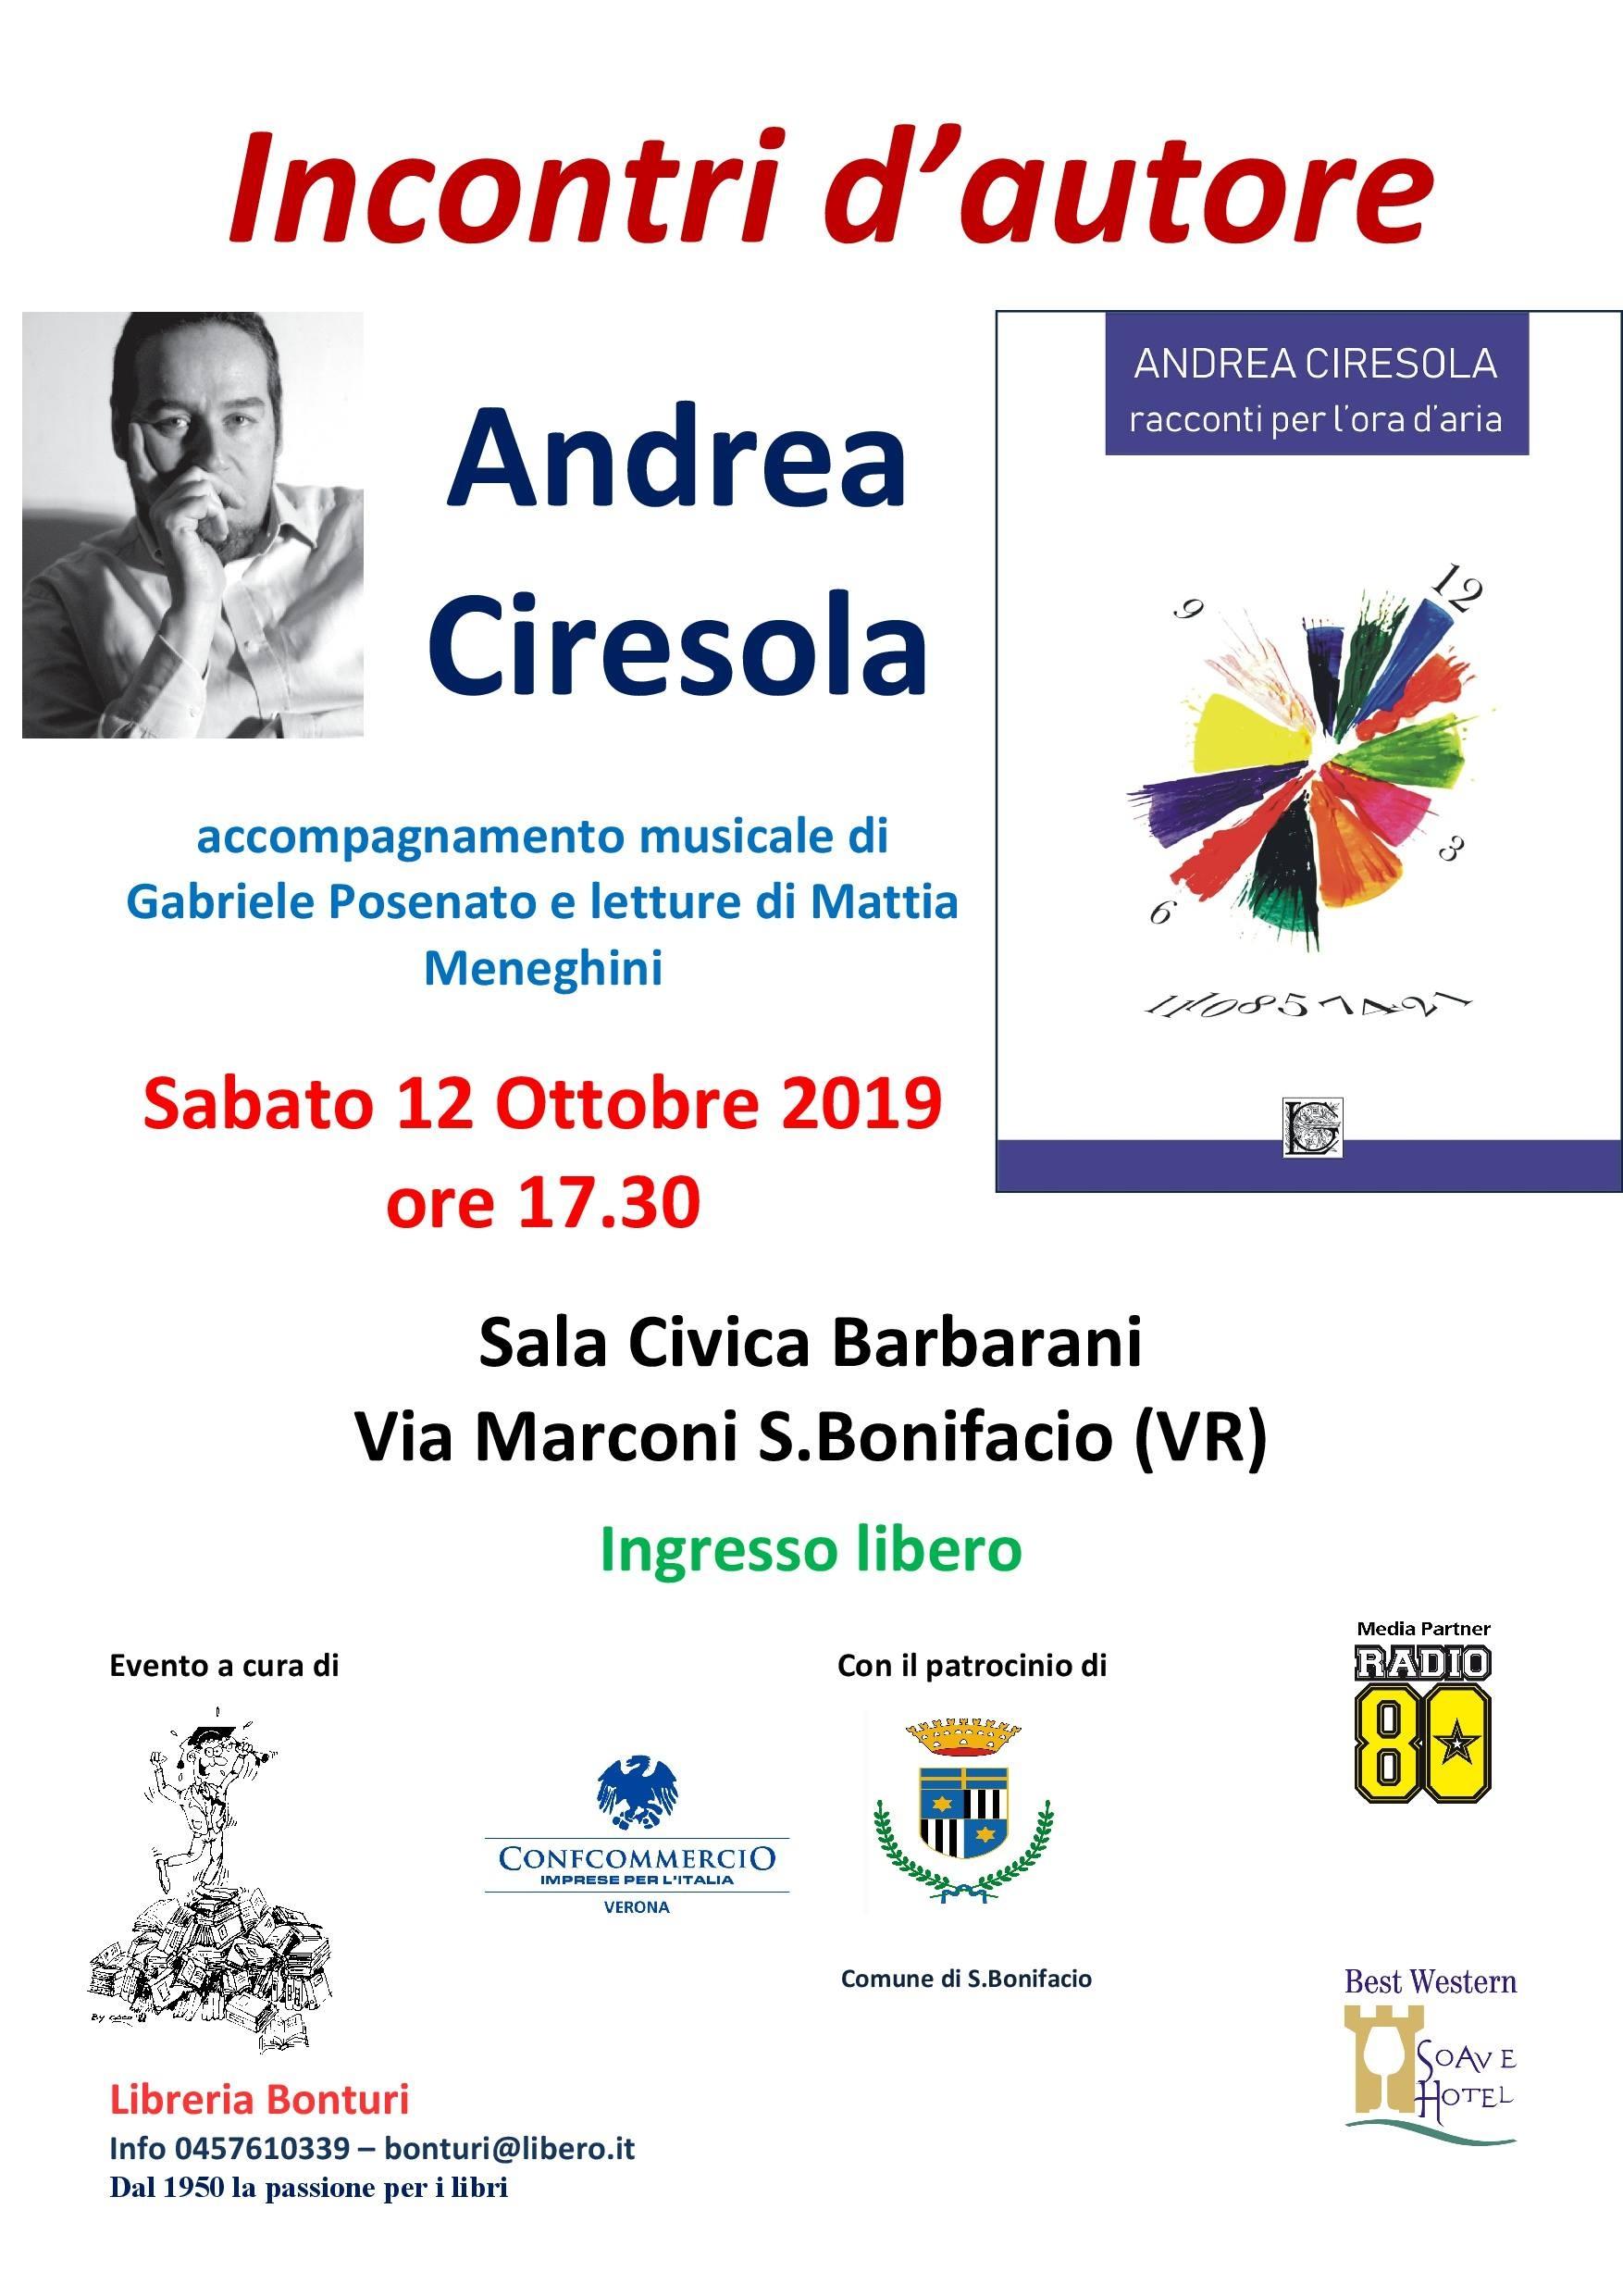 Presentazione a San Bonifacio del libro         RACCONTI PER L'ORA D'ARIA a San Bonifacio               a cura di Paolo Ambrosini,                                              titolare della Libreria Bonturi.                                    Ingresso libero, siete tutti invitati.